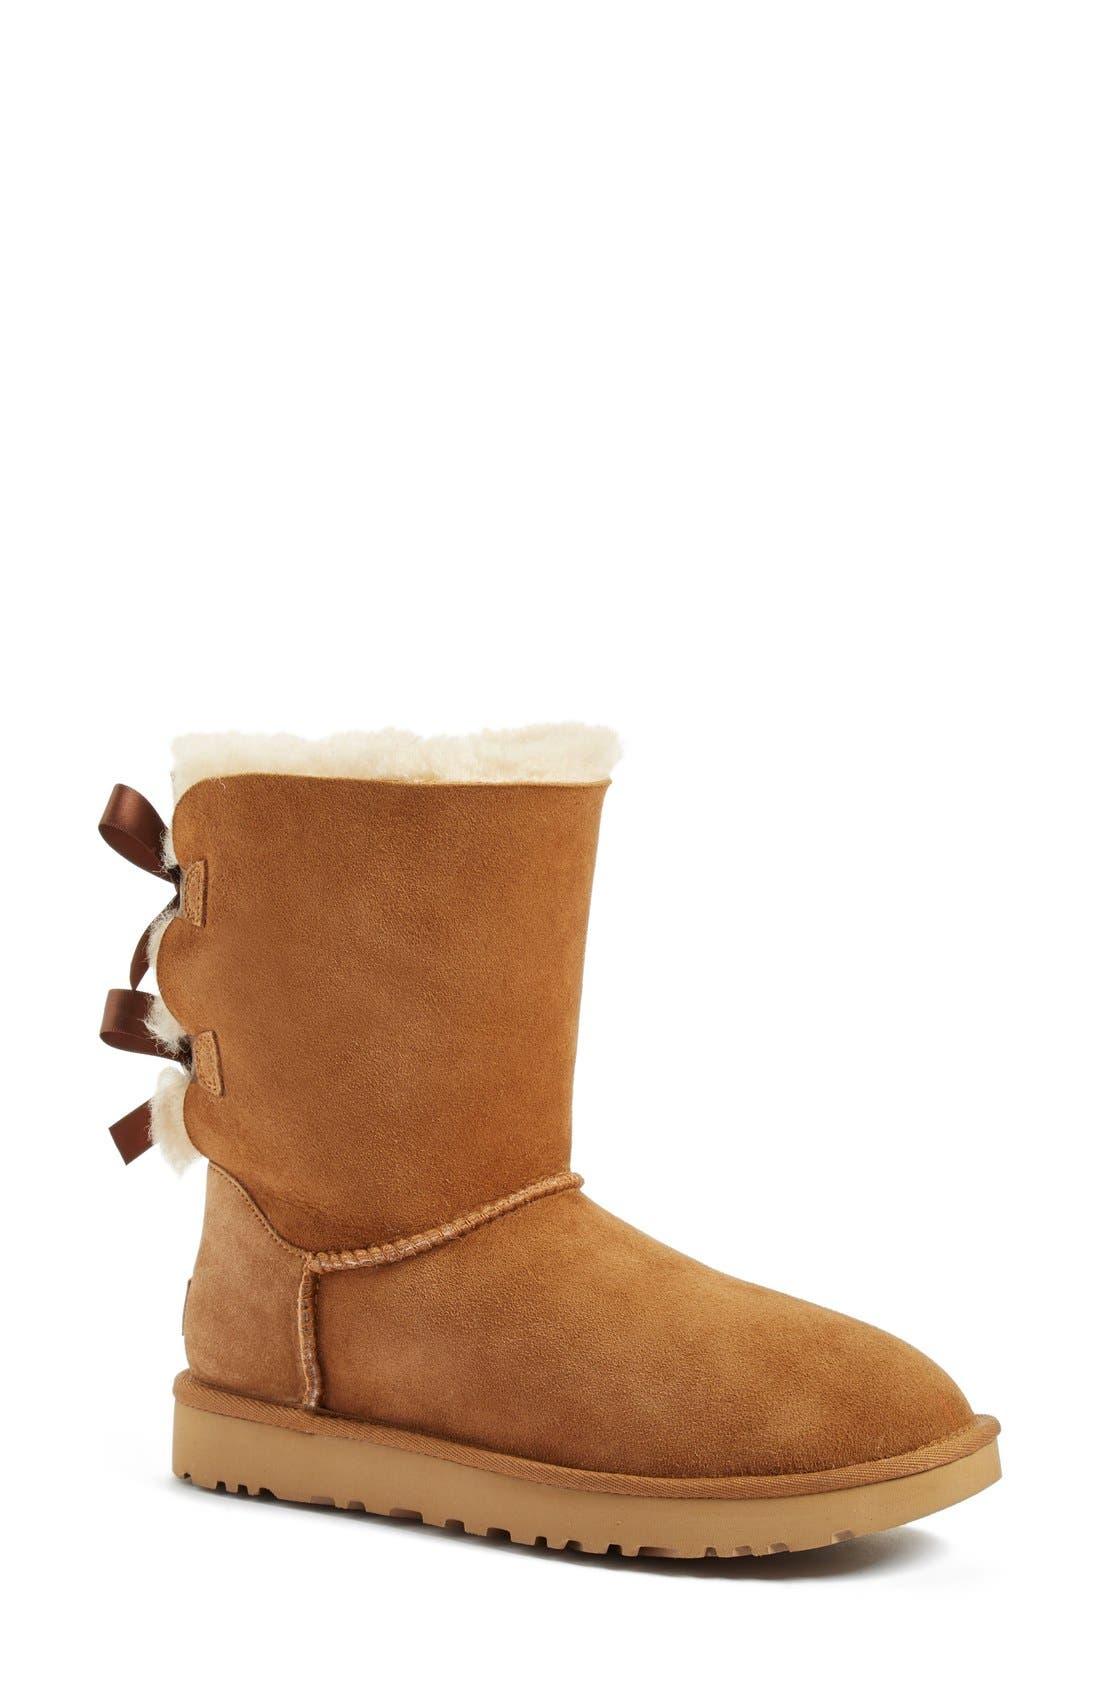 Alternate Image 1 Selected - UGG® 'Bailey Bow II' Boot (Women)